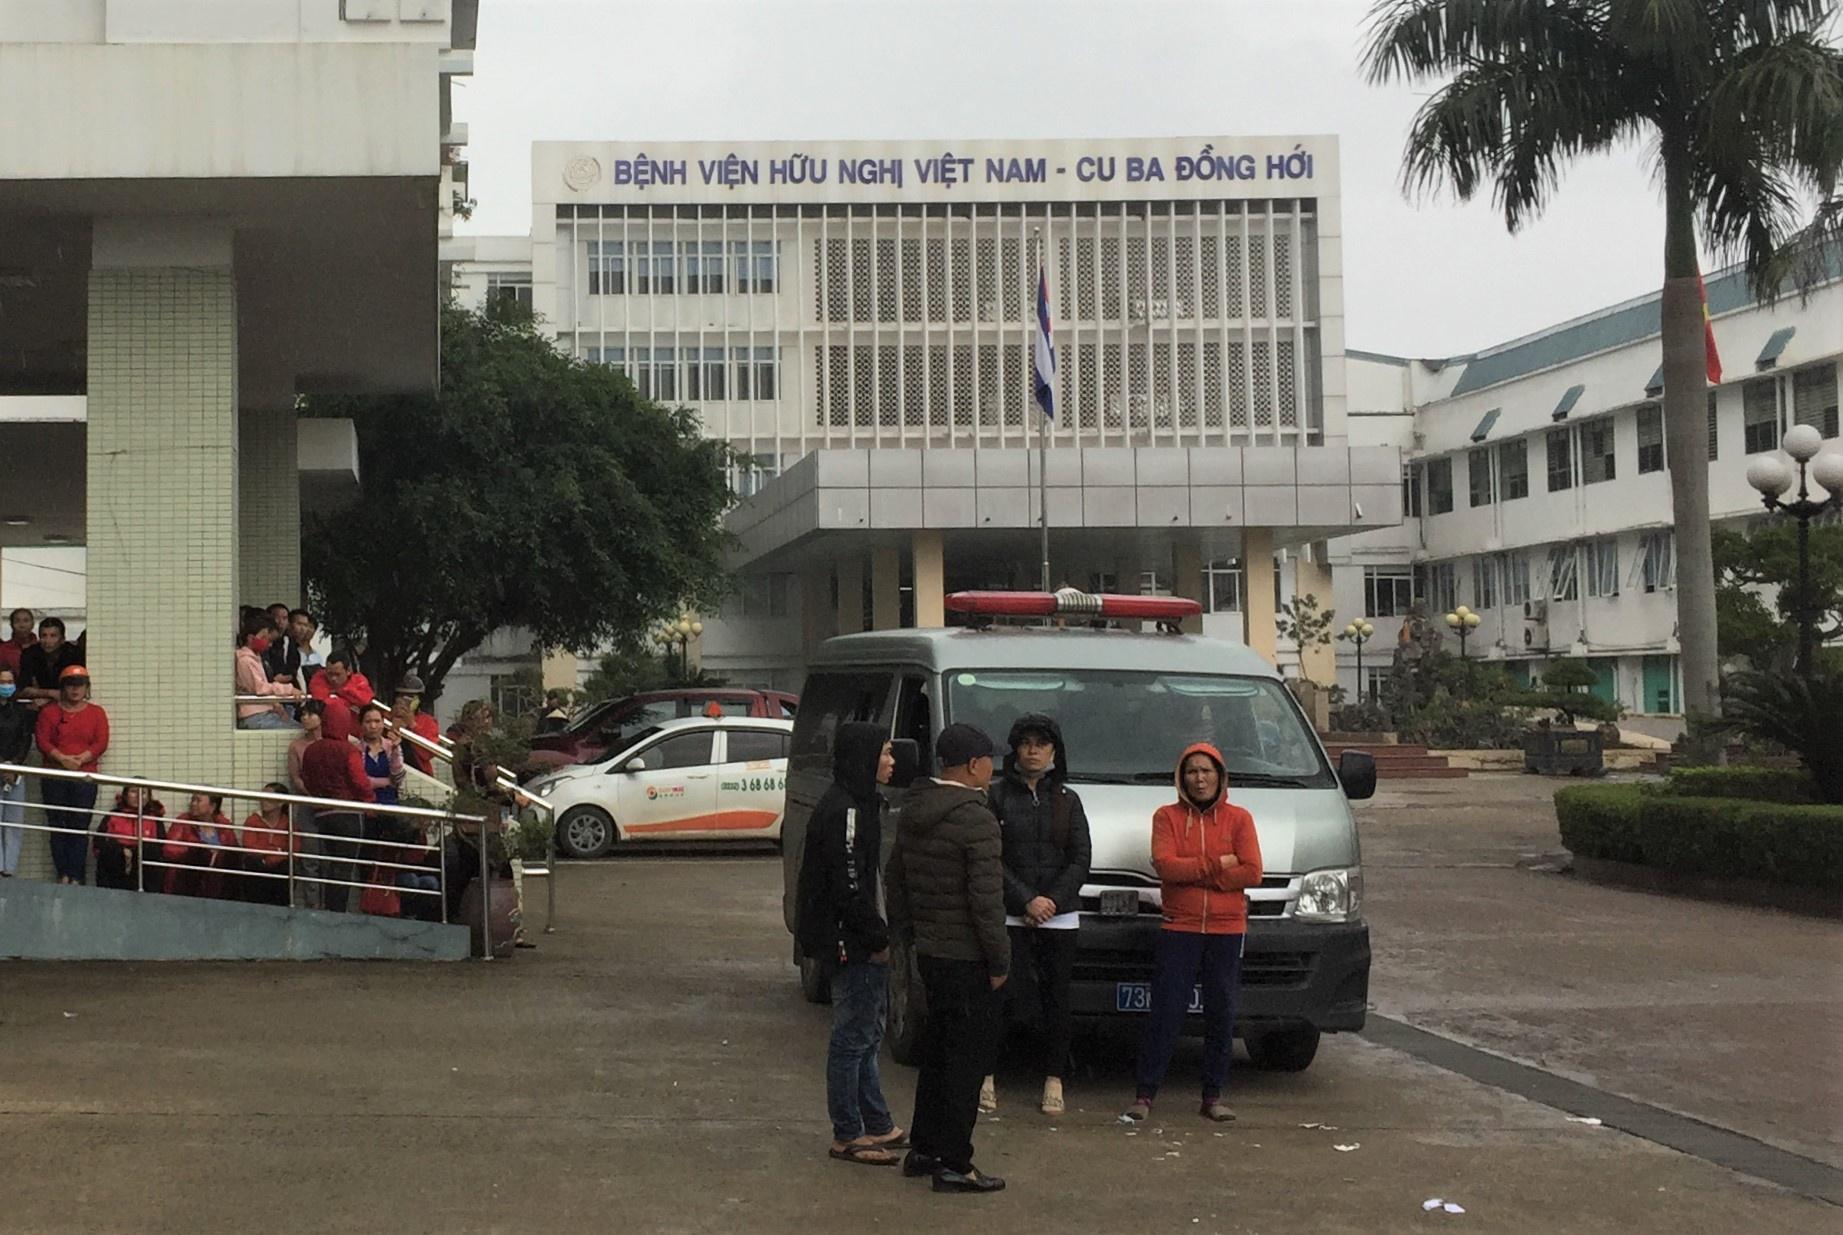 Giám đốc BV hữu nghị Việt Nam - Cuba Đồng Hới được xem xét bổ nhiệm nhiệm kỳ thứ 4 liên tiếp